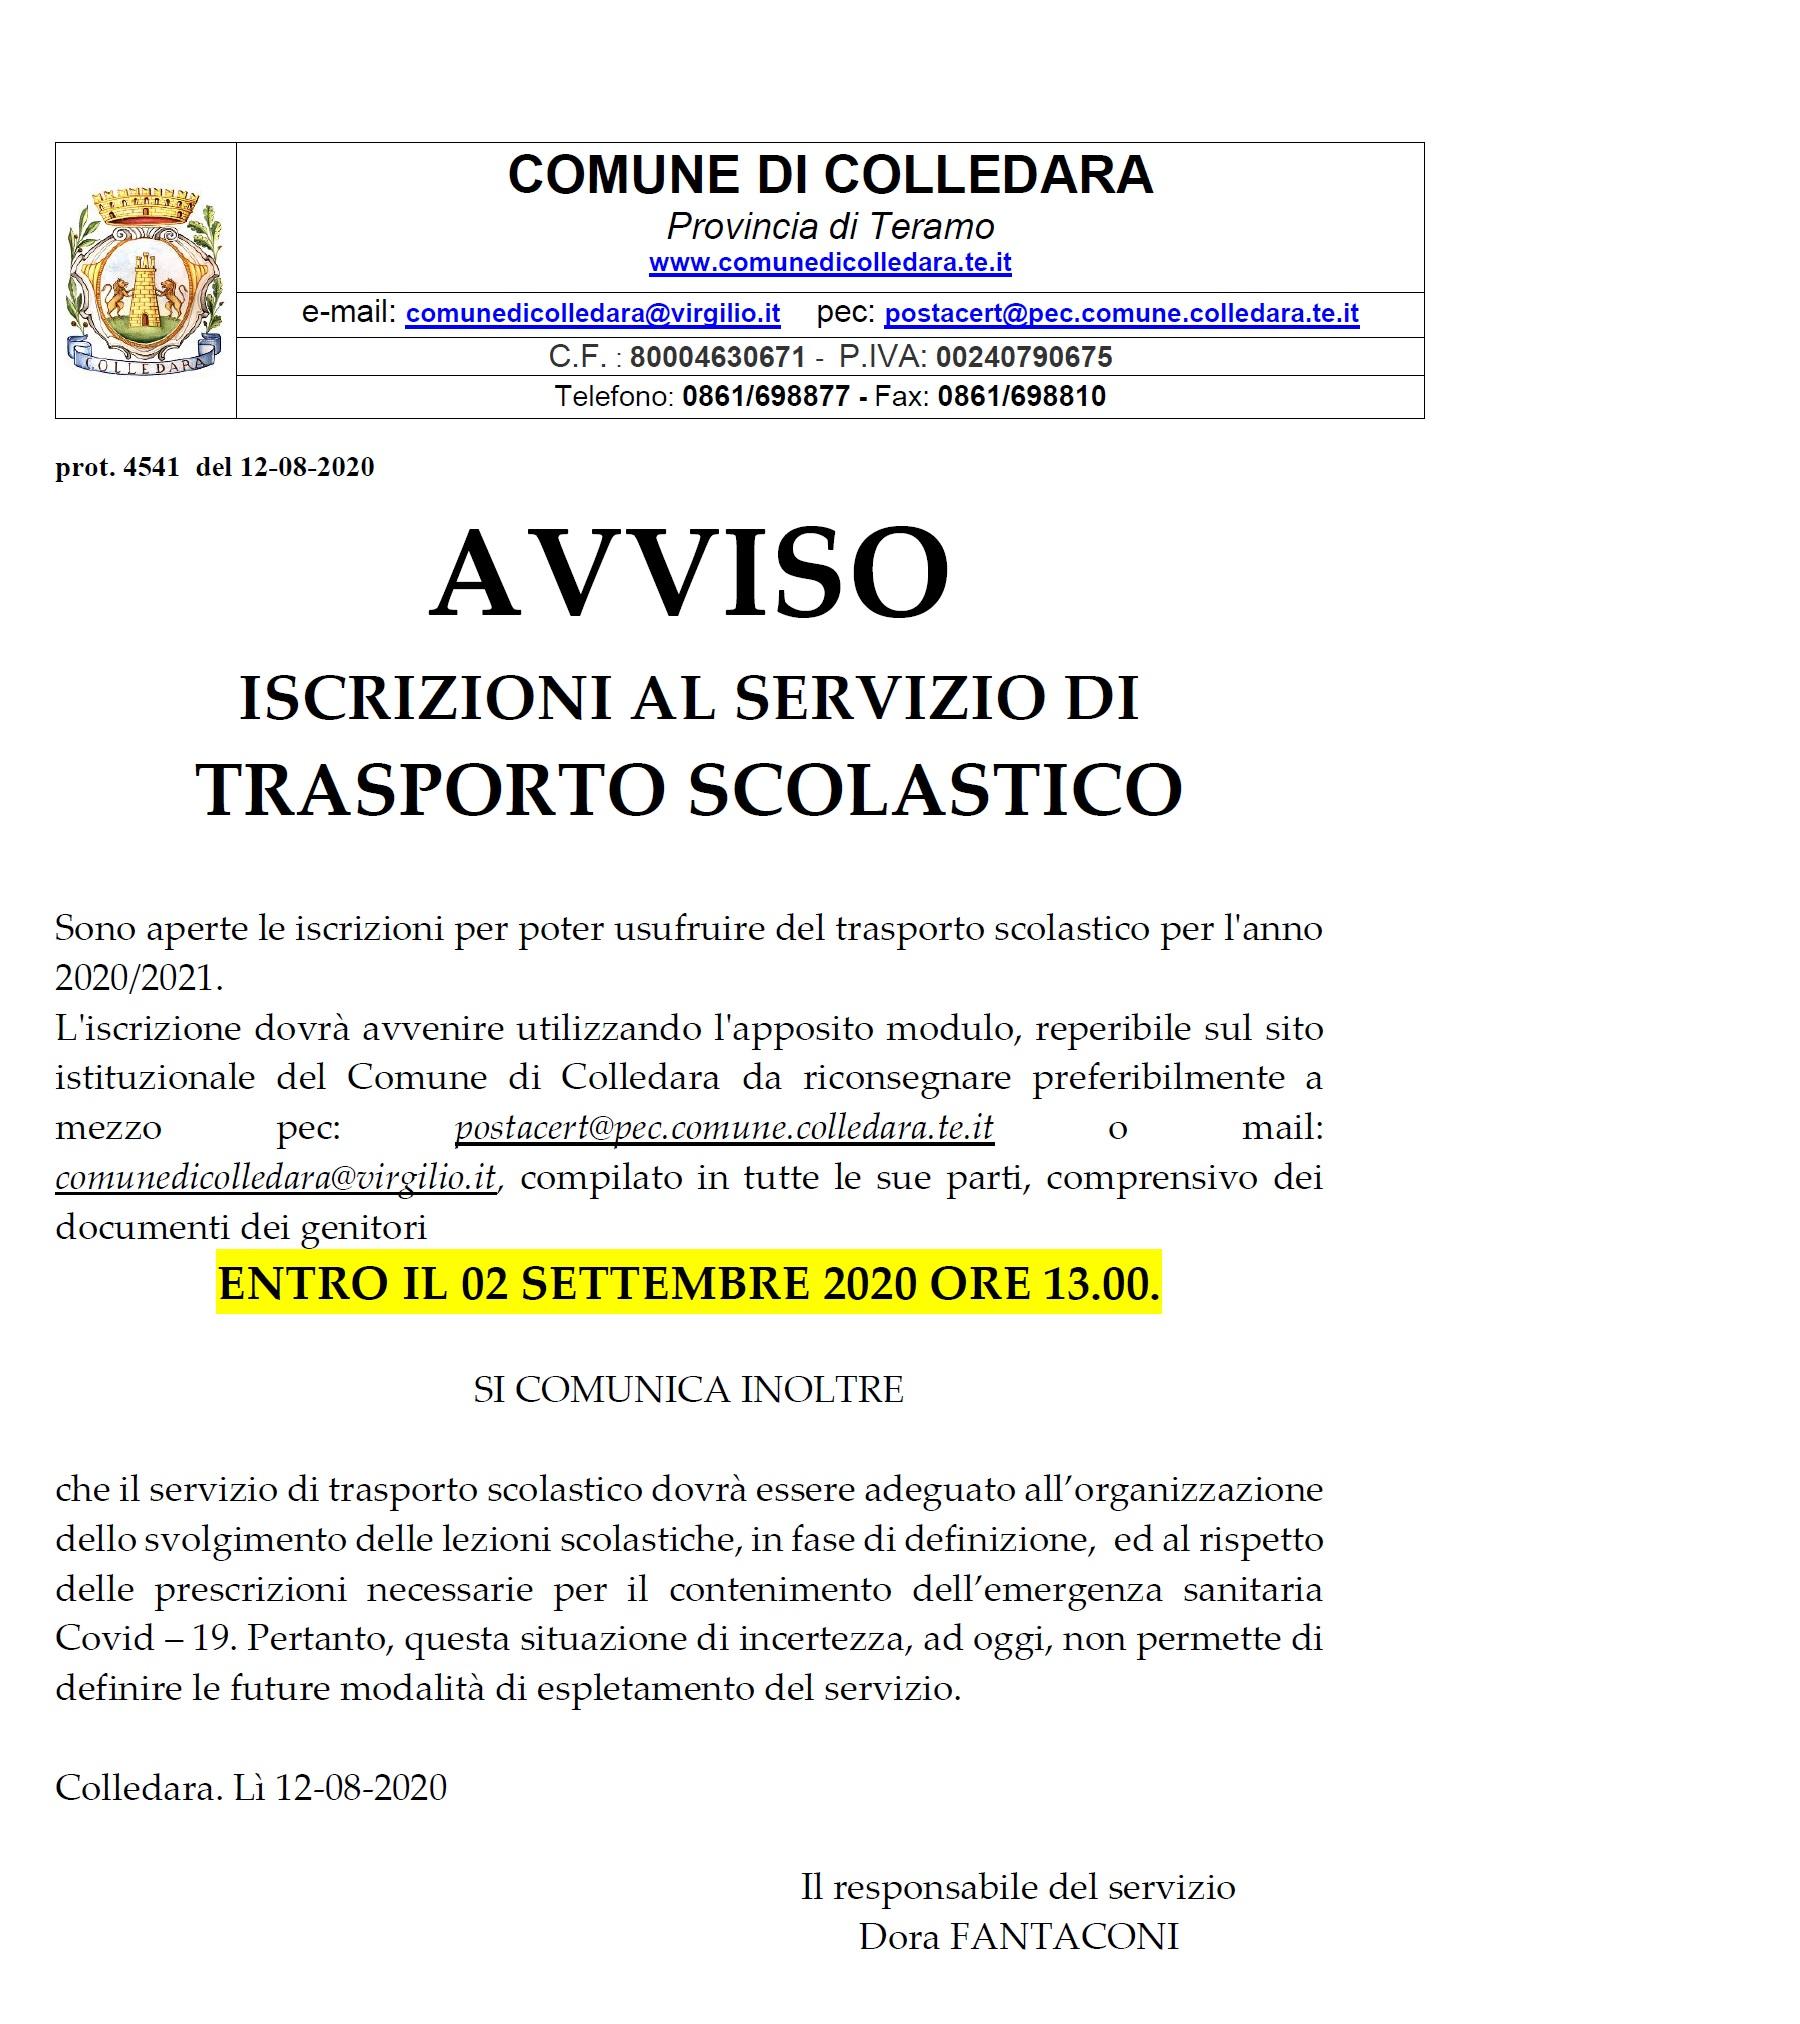 AVVISO PUBBLICO: PACCO ALIMENTARE DICEMBRE 2019